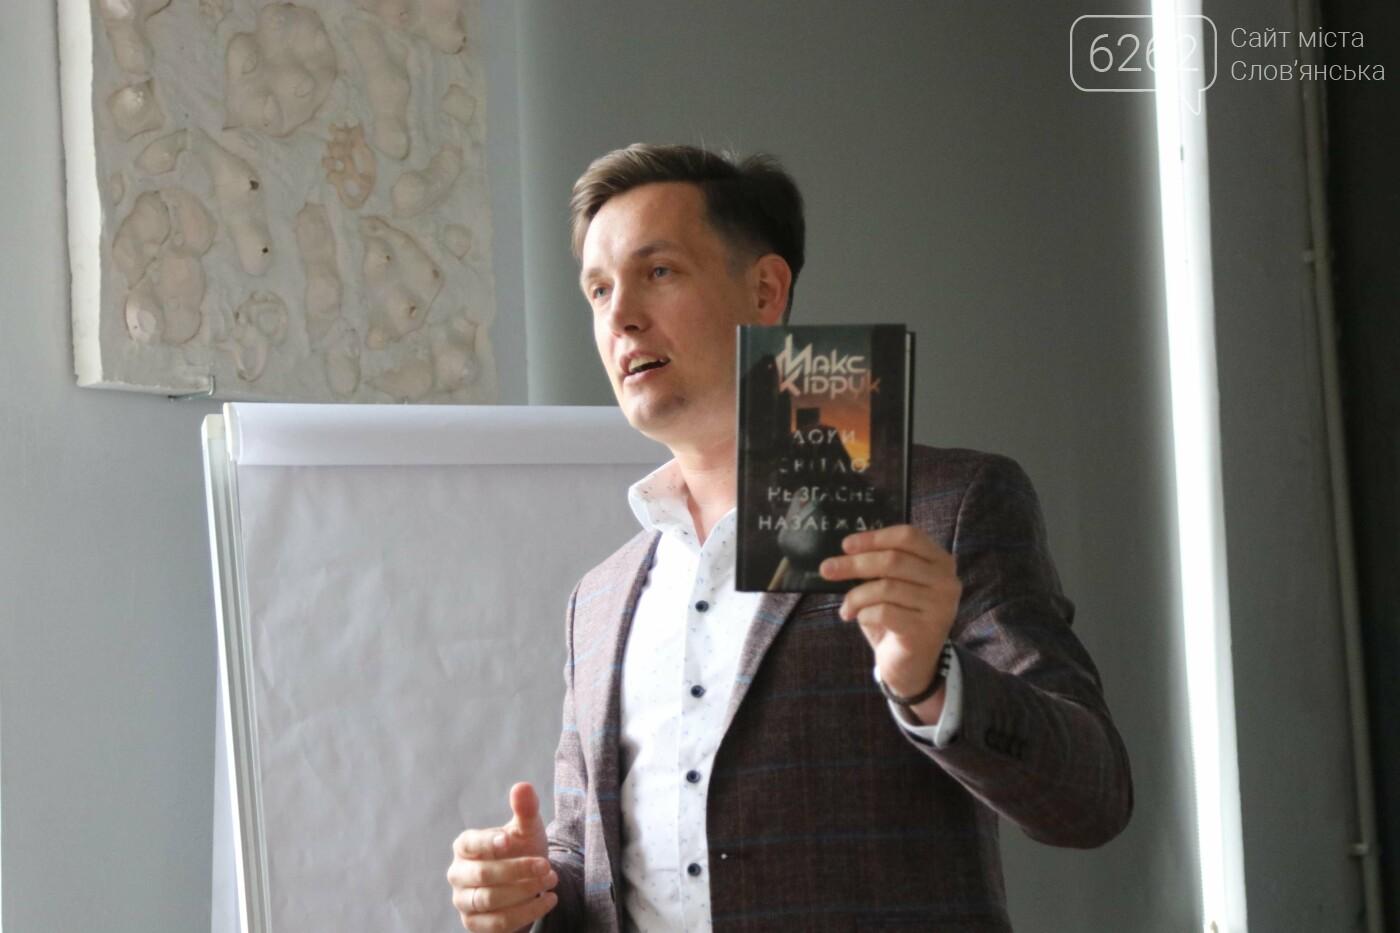 Макс Кідрук у Слов'янську. Як пройшла презентація книги з доповненою реальністю, фото-8